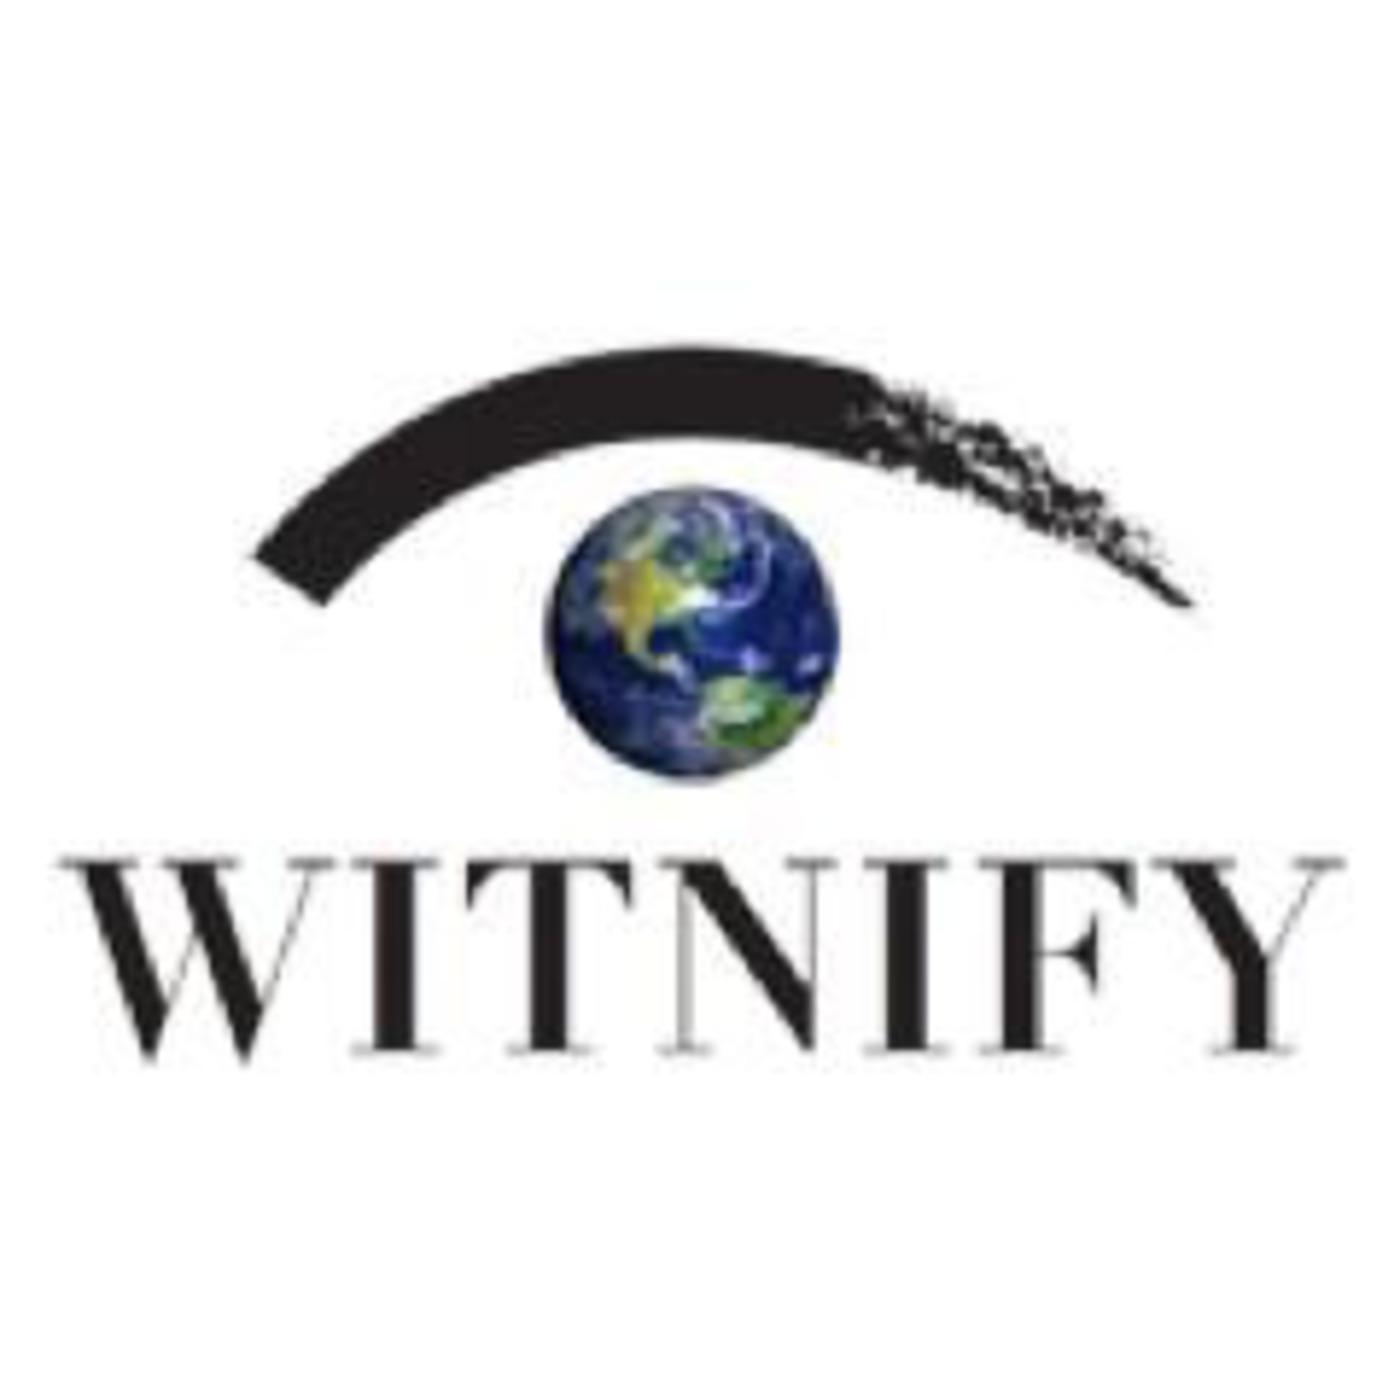 Witnify